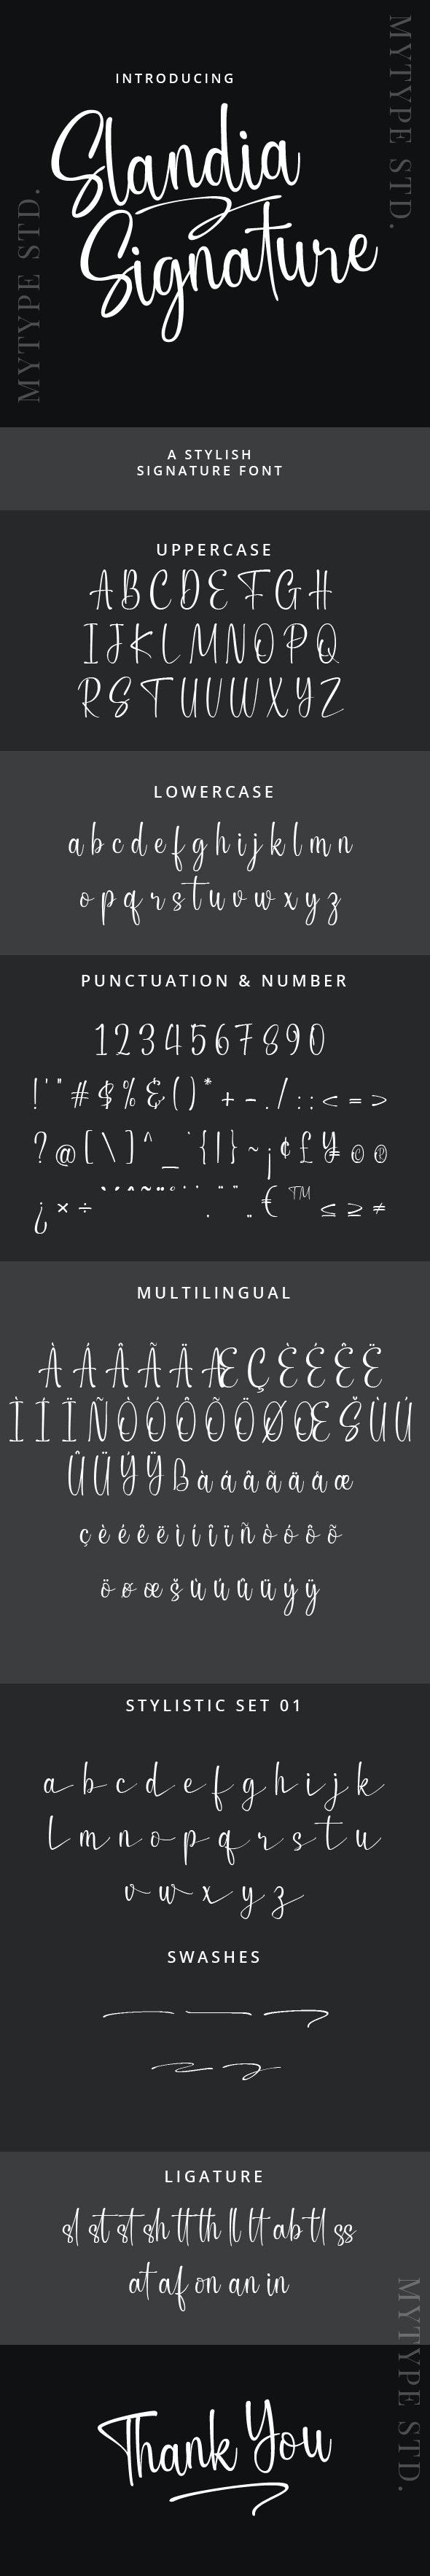 Slandia Signature Font - Hand-writing Script